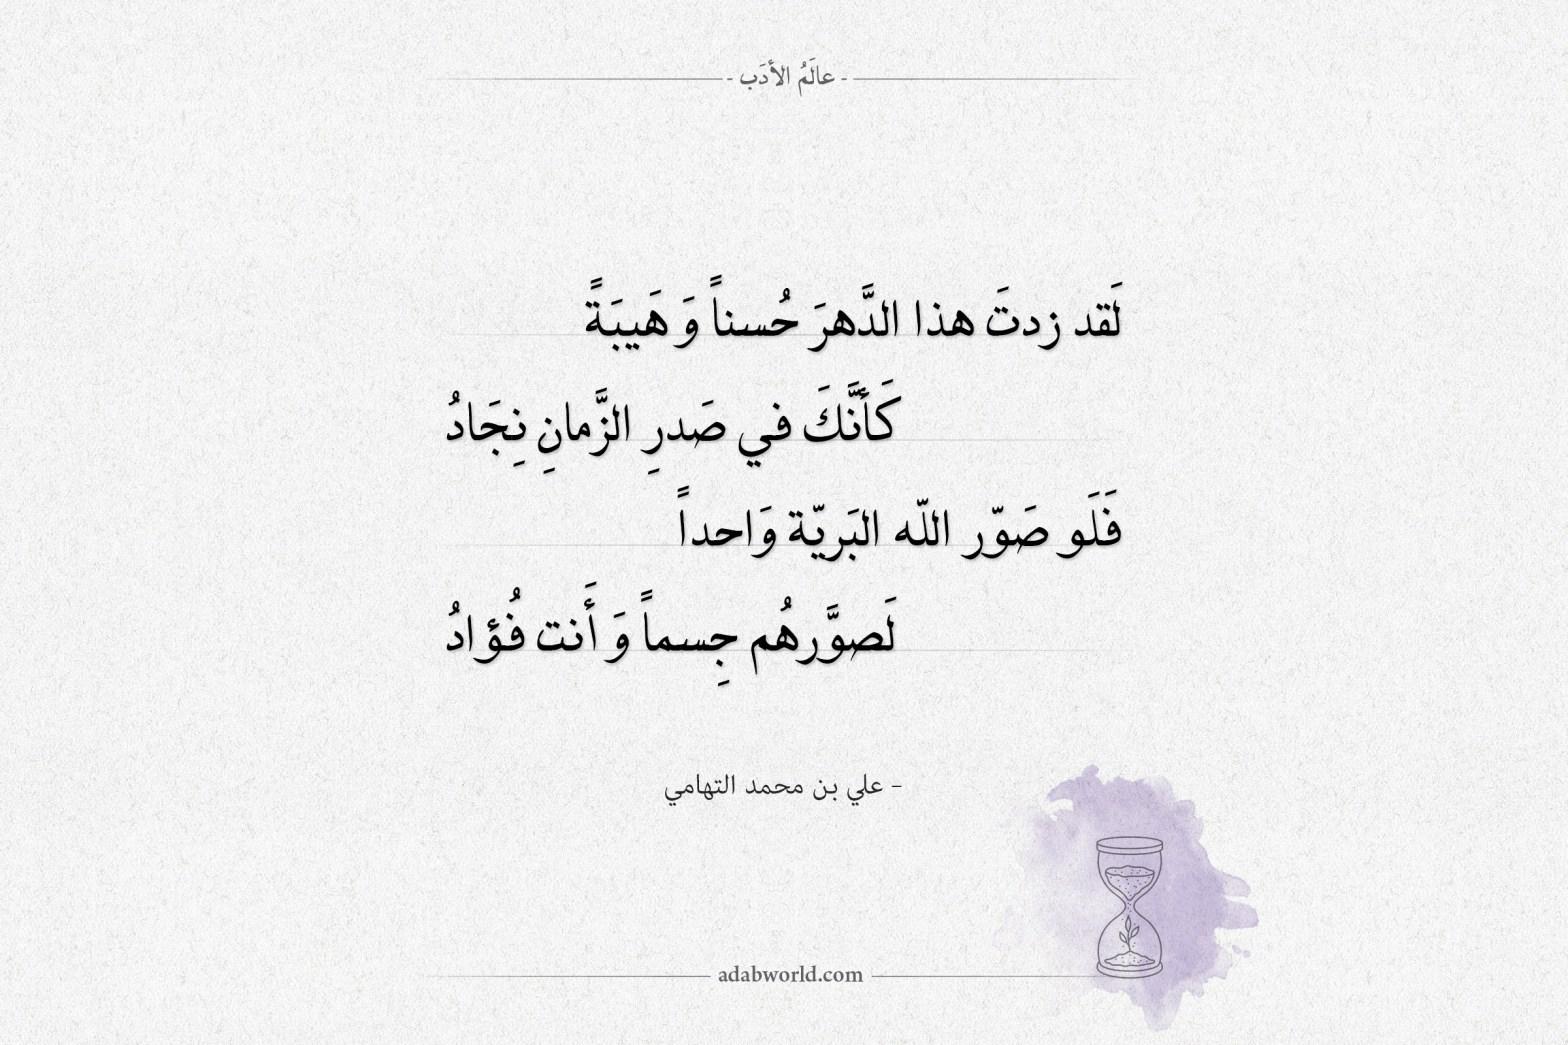 شعر علي بن محمد التهامي بصير بترك الجود